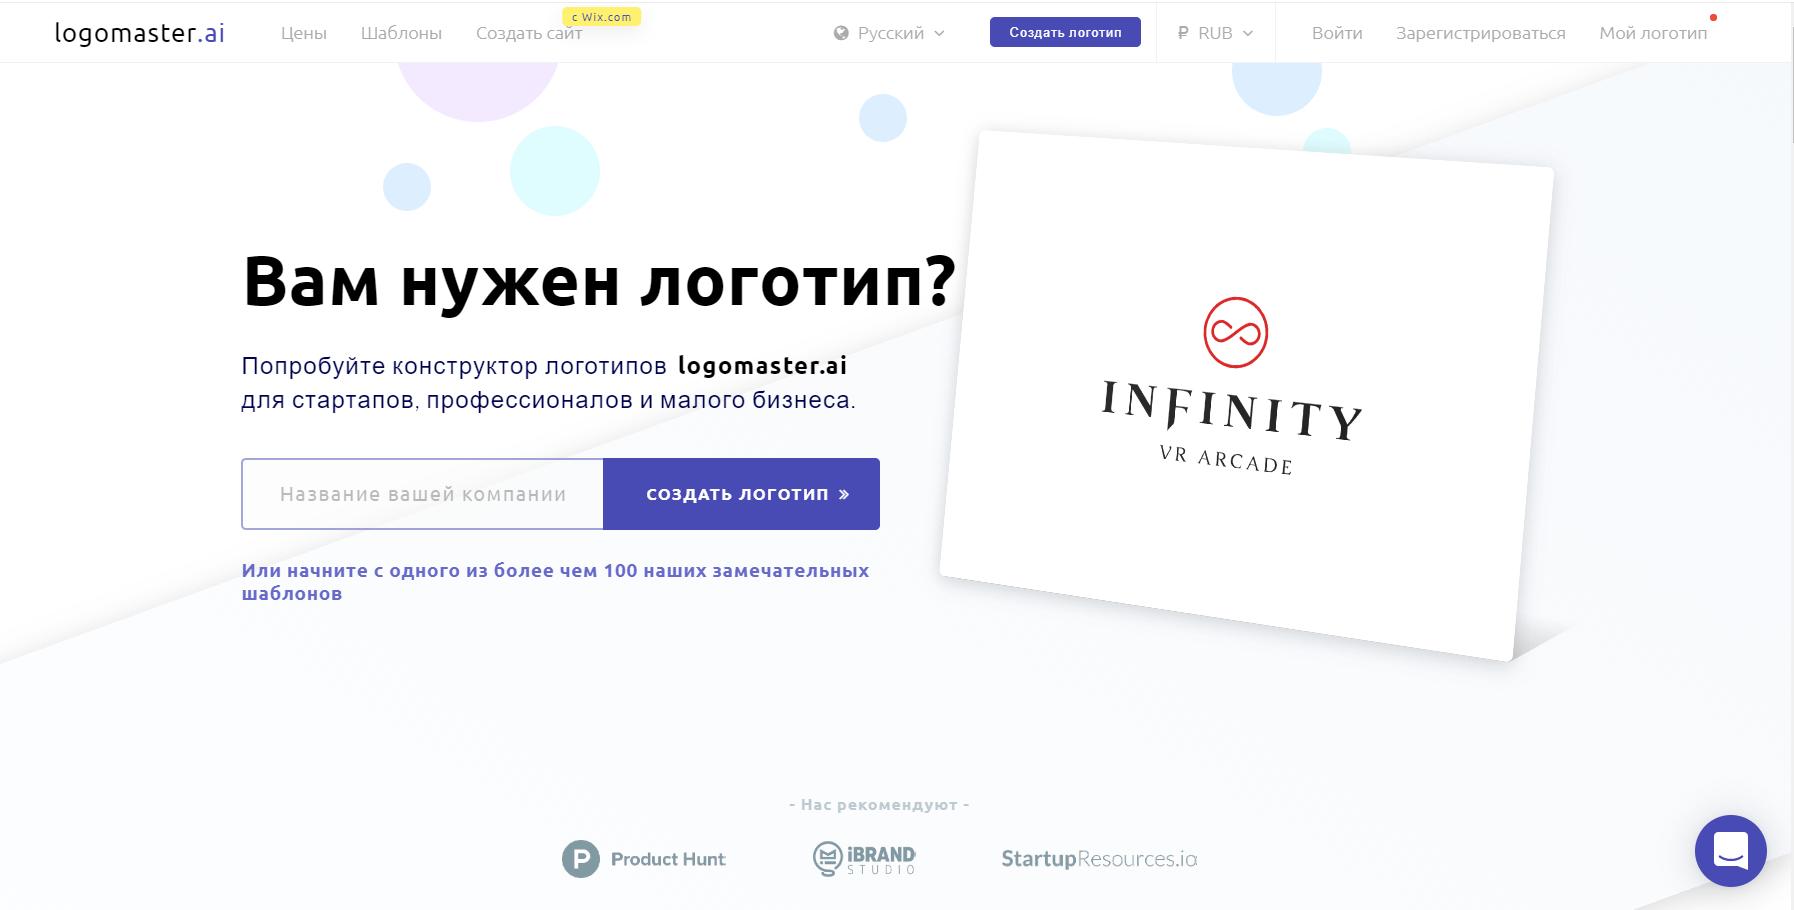 Logomaster AI